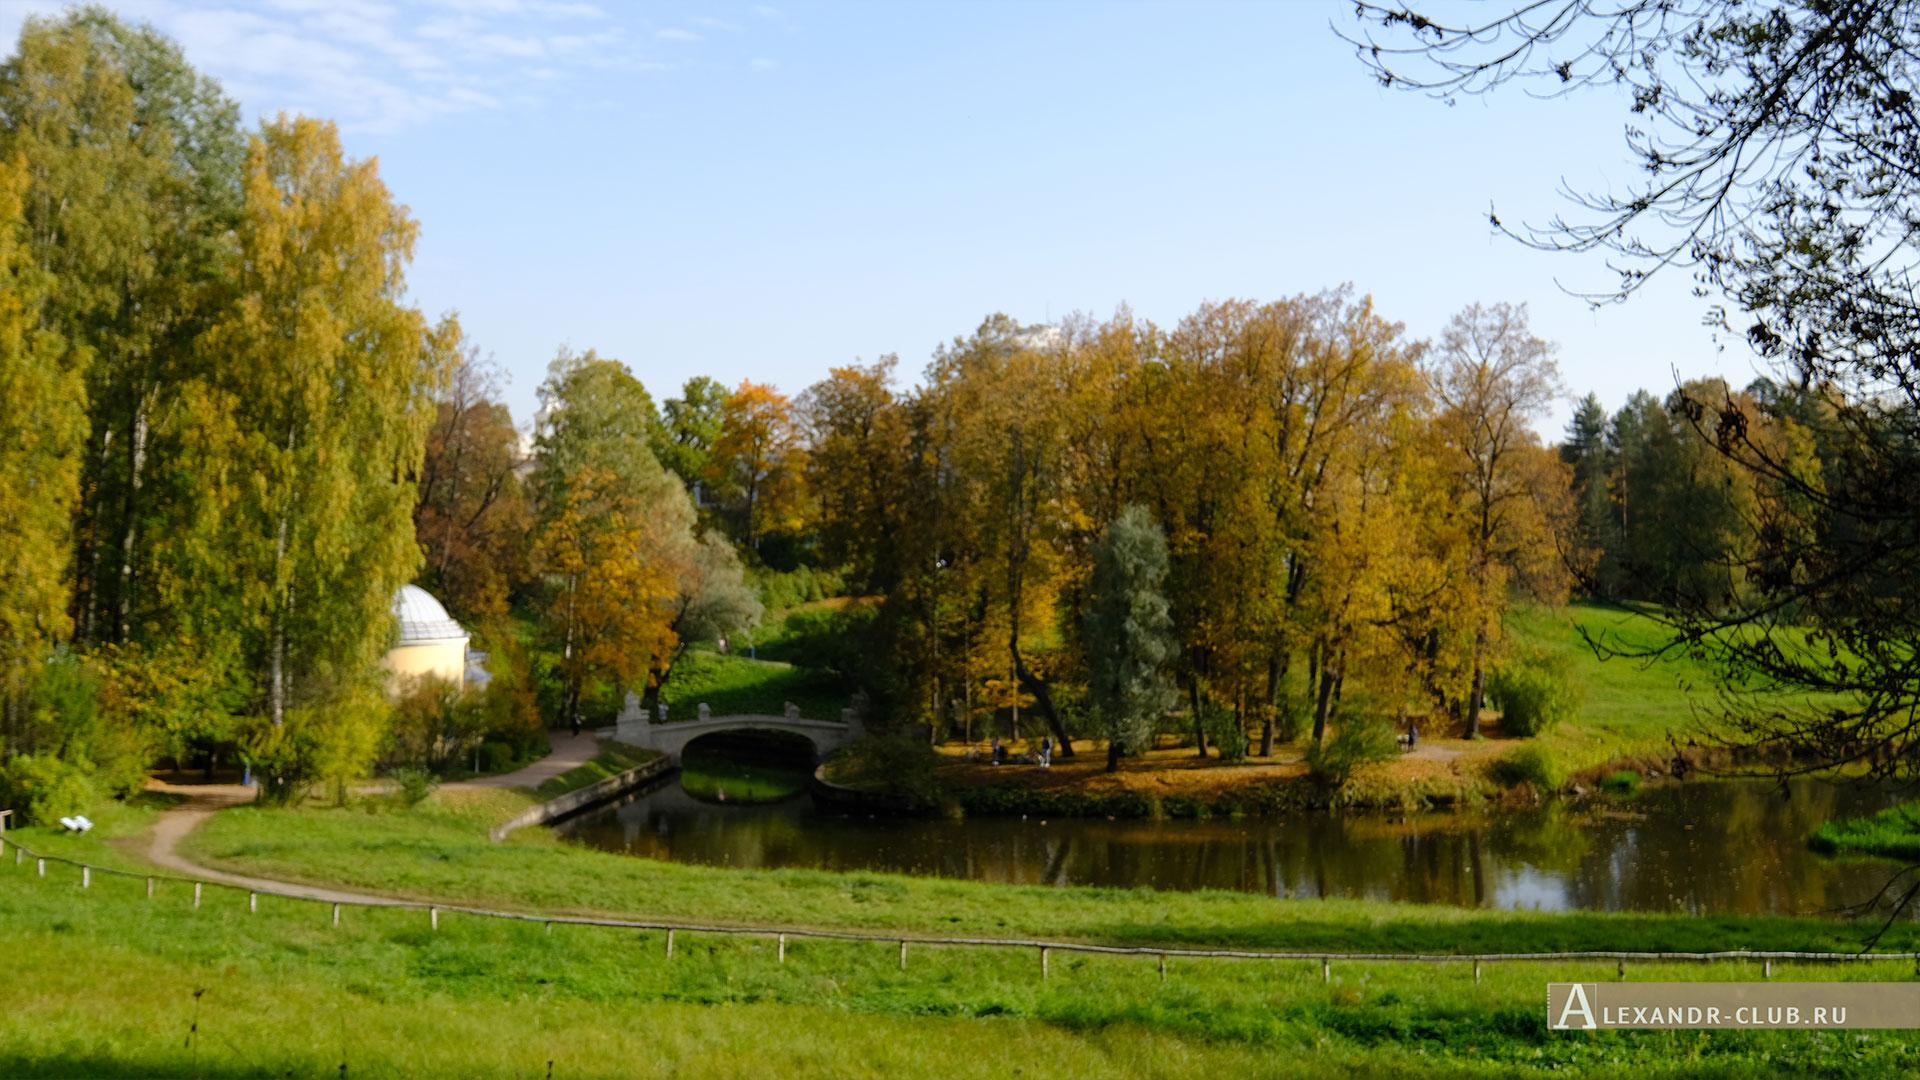 Павловск, осень, Павловский парк, мост Кентавров, Холодная баня